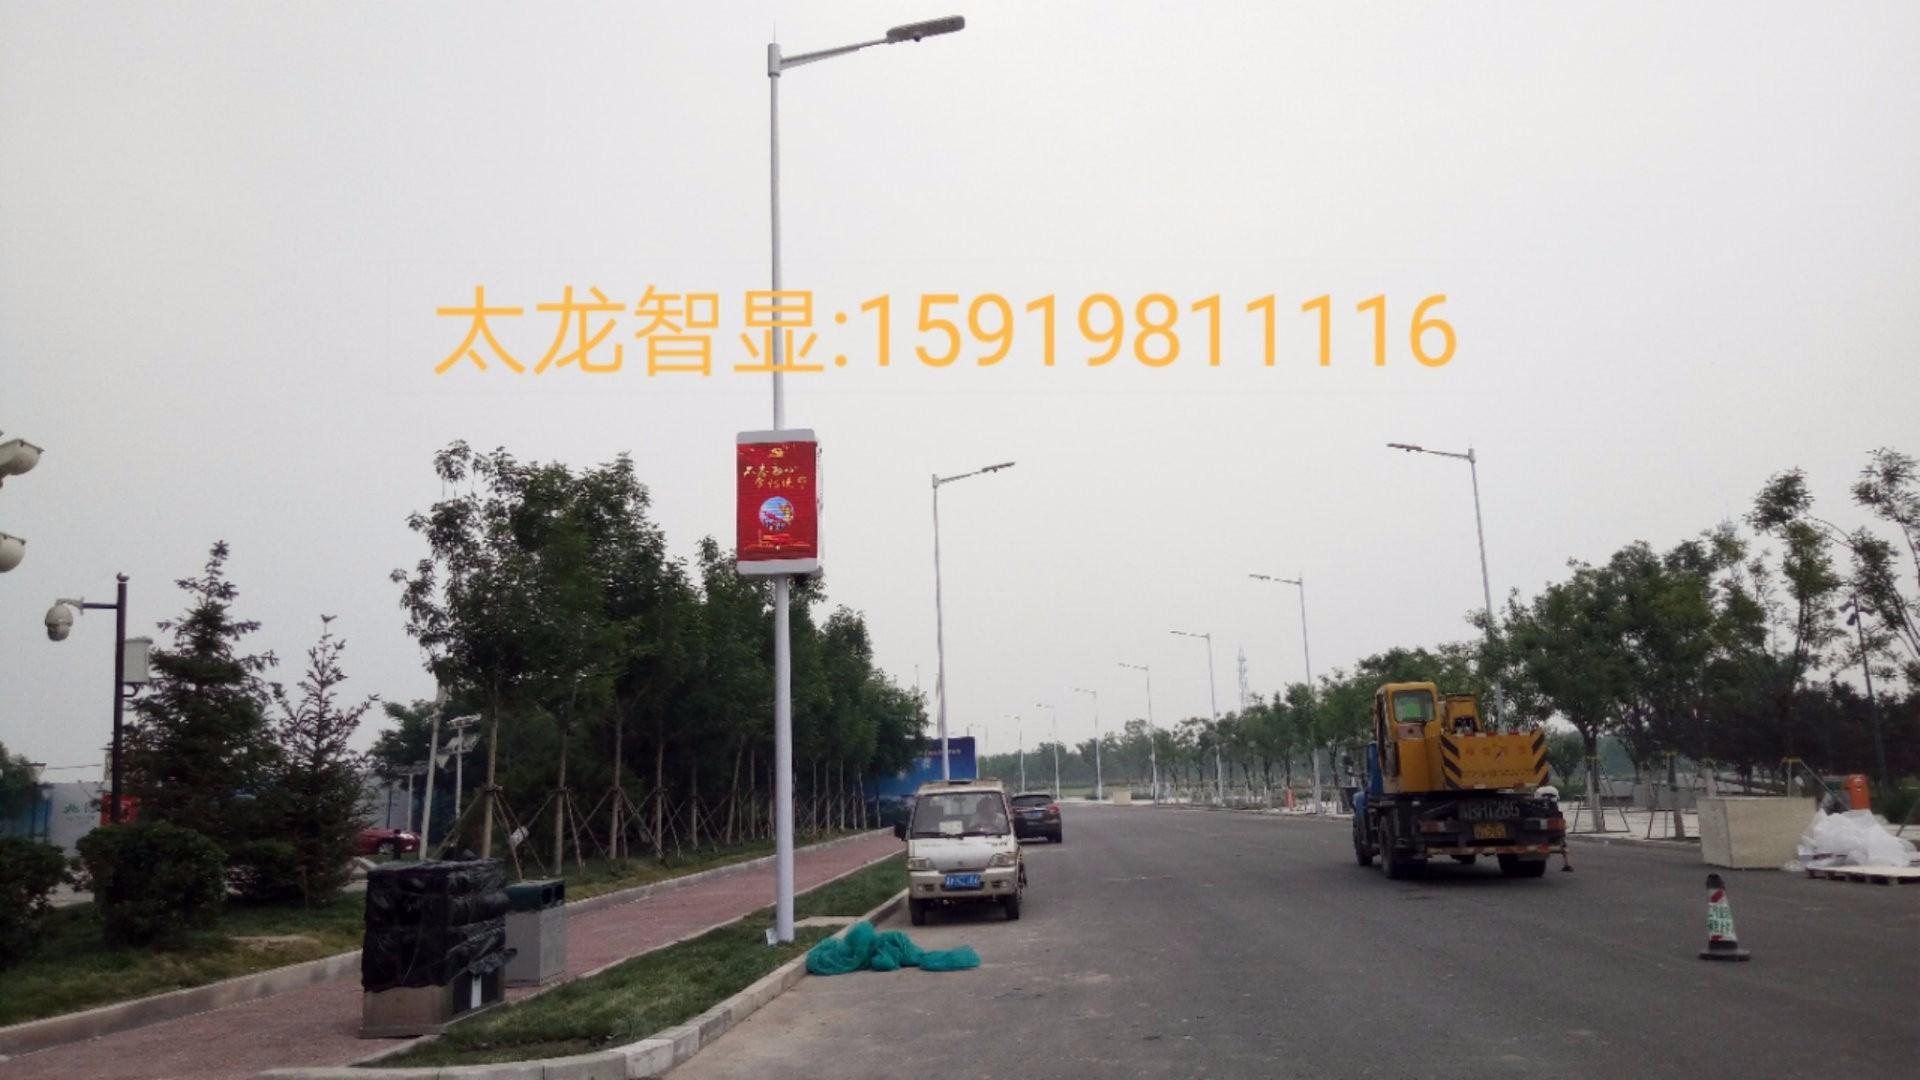 LED灯杆屏|智慧灯杆屏|立柱广告机|LED广告机|智慧灯杆屏|灯杆广告屏|灯杆屏